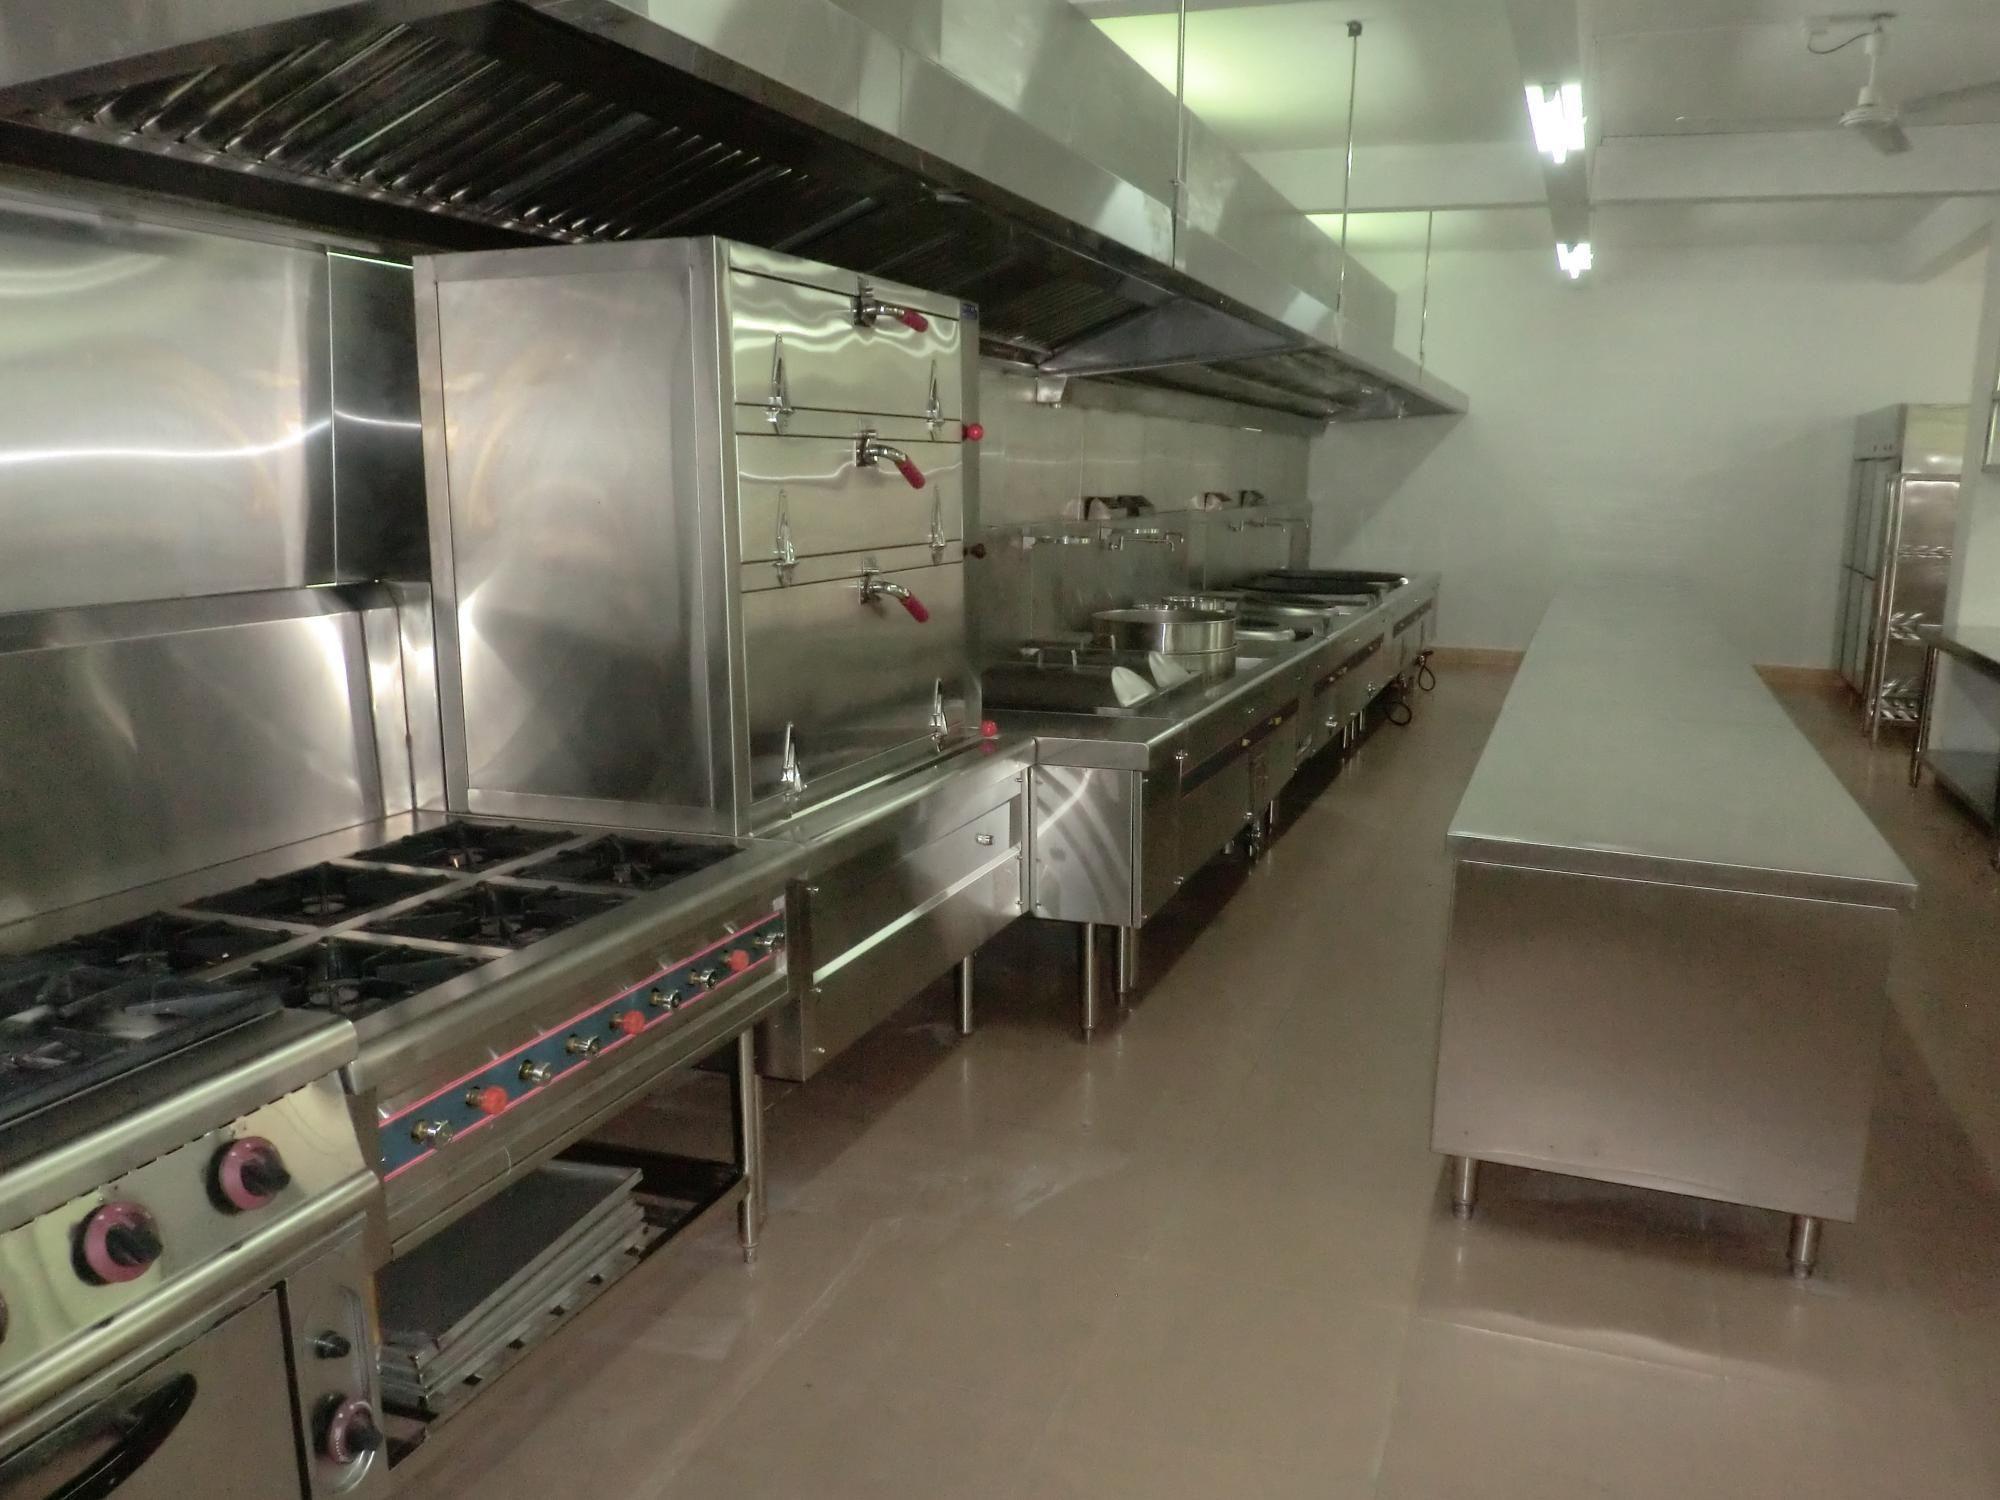 小饭店厨房布局设计